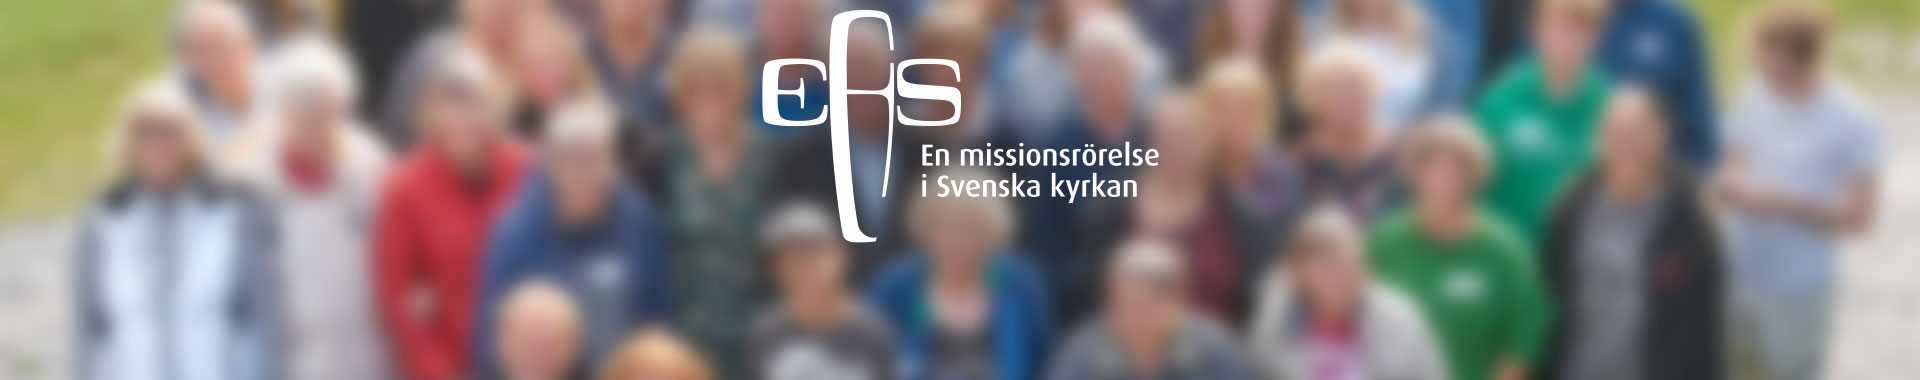 EFS i Södertälje